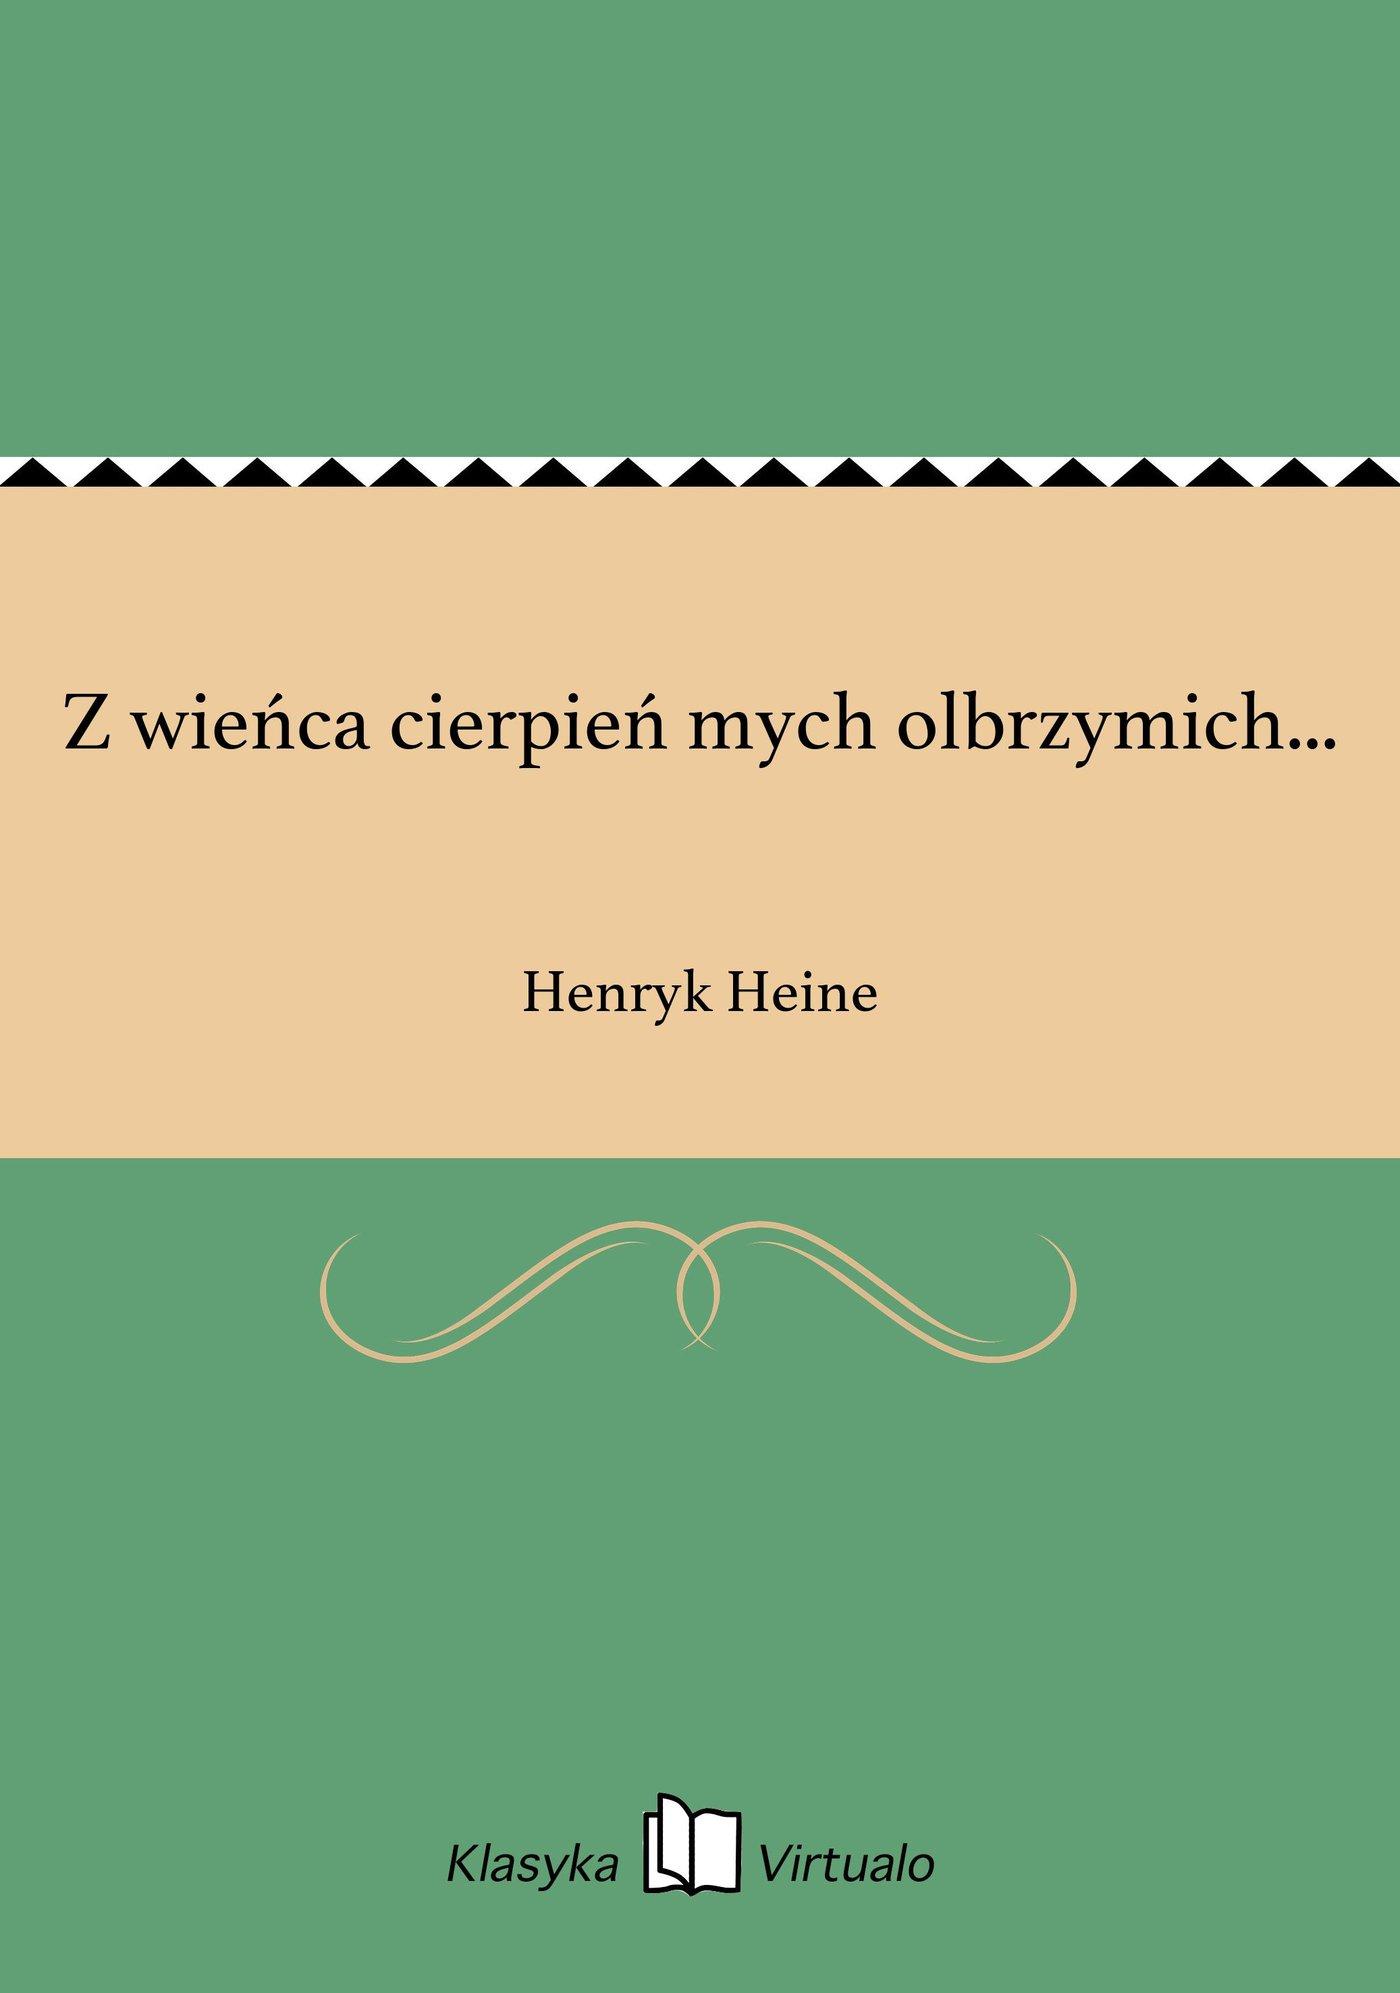 Z wieńca cierpień mych olbrzymich... - Ebook (Książka EPUB) do pobrania w formacie EPUB